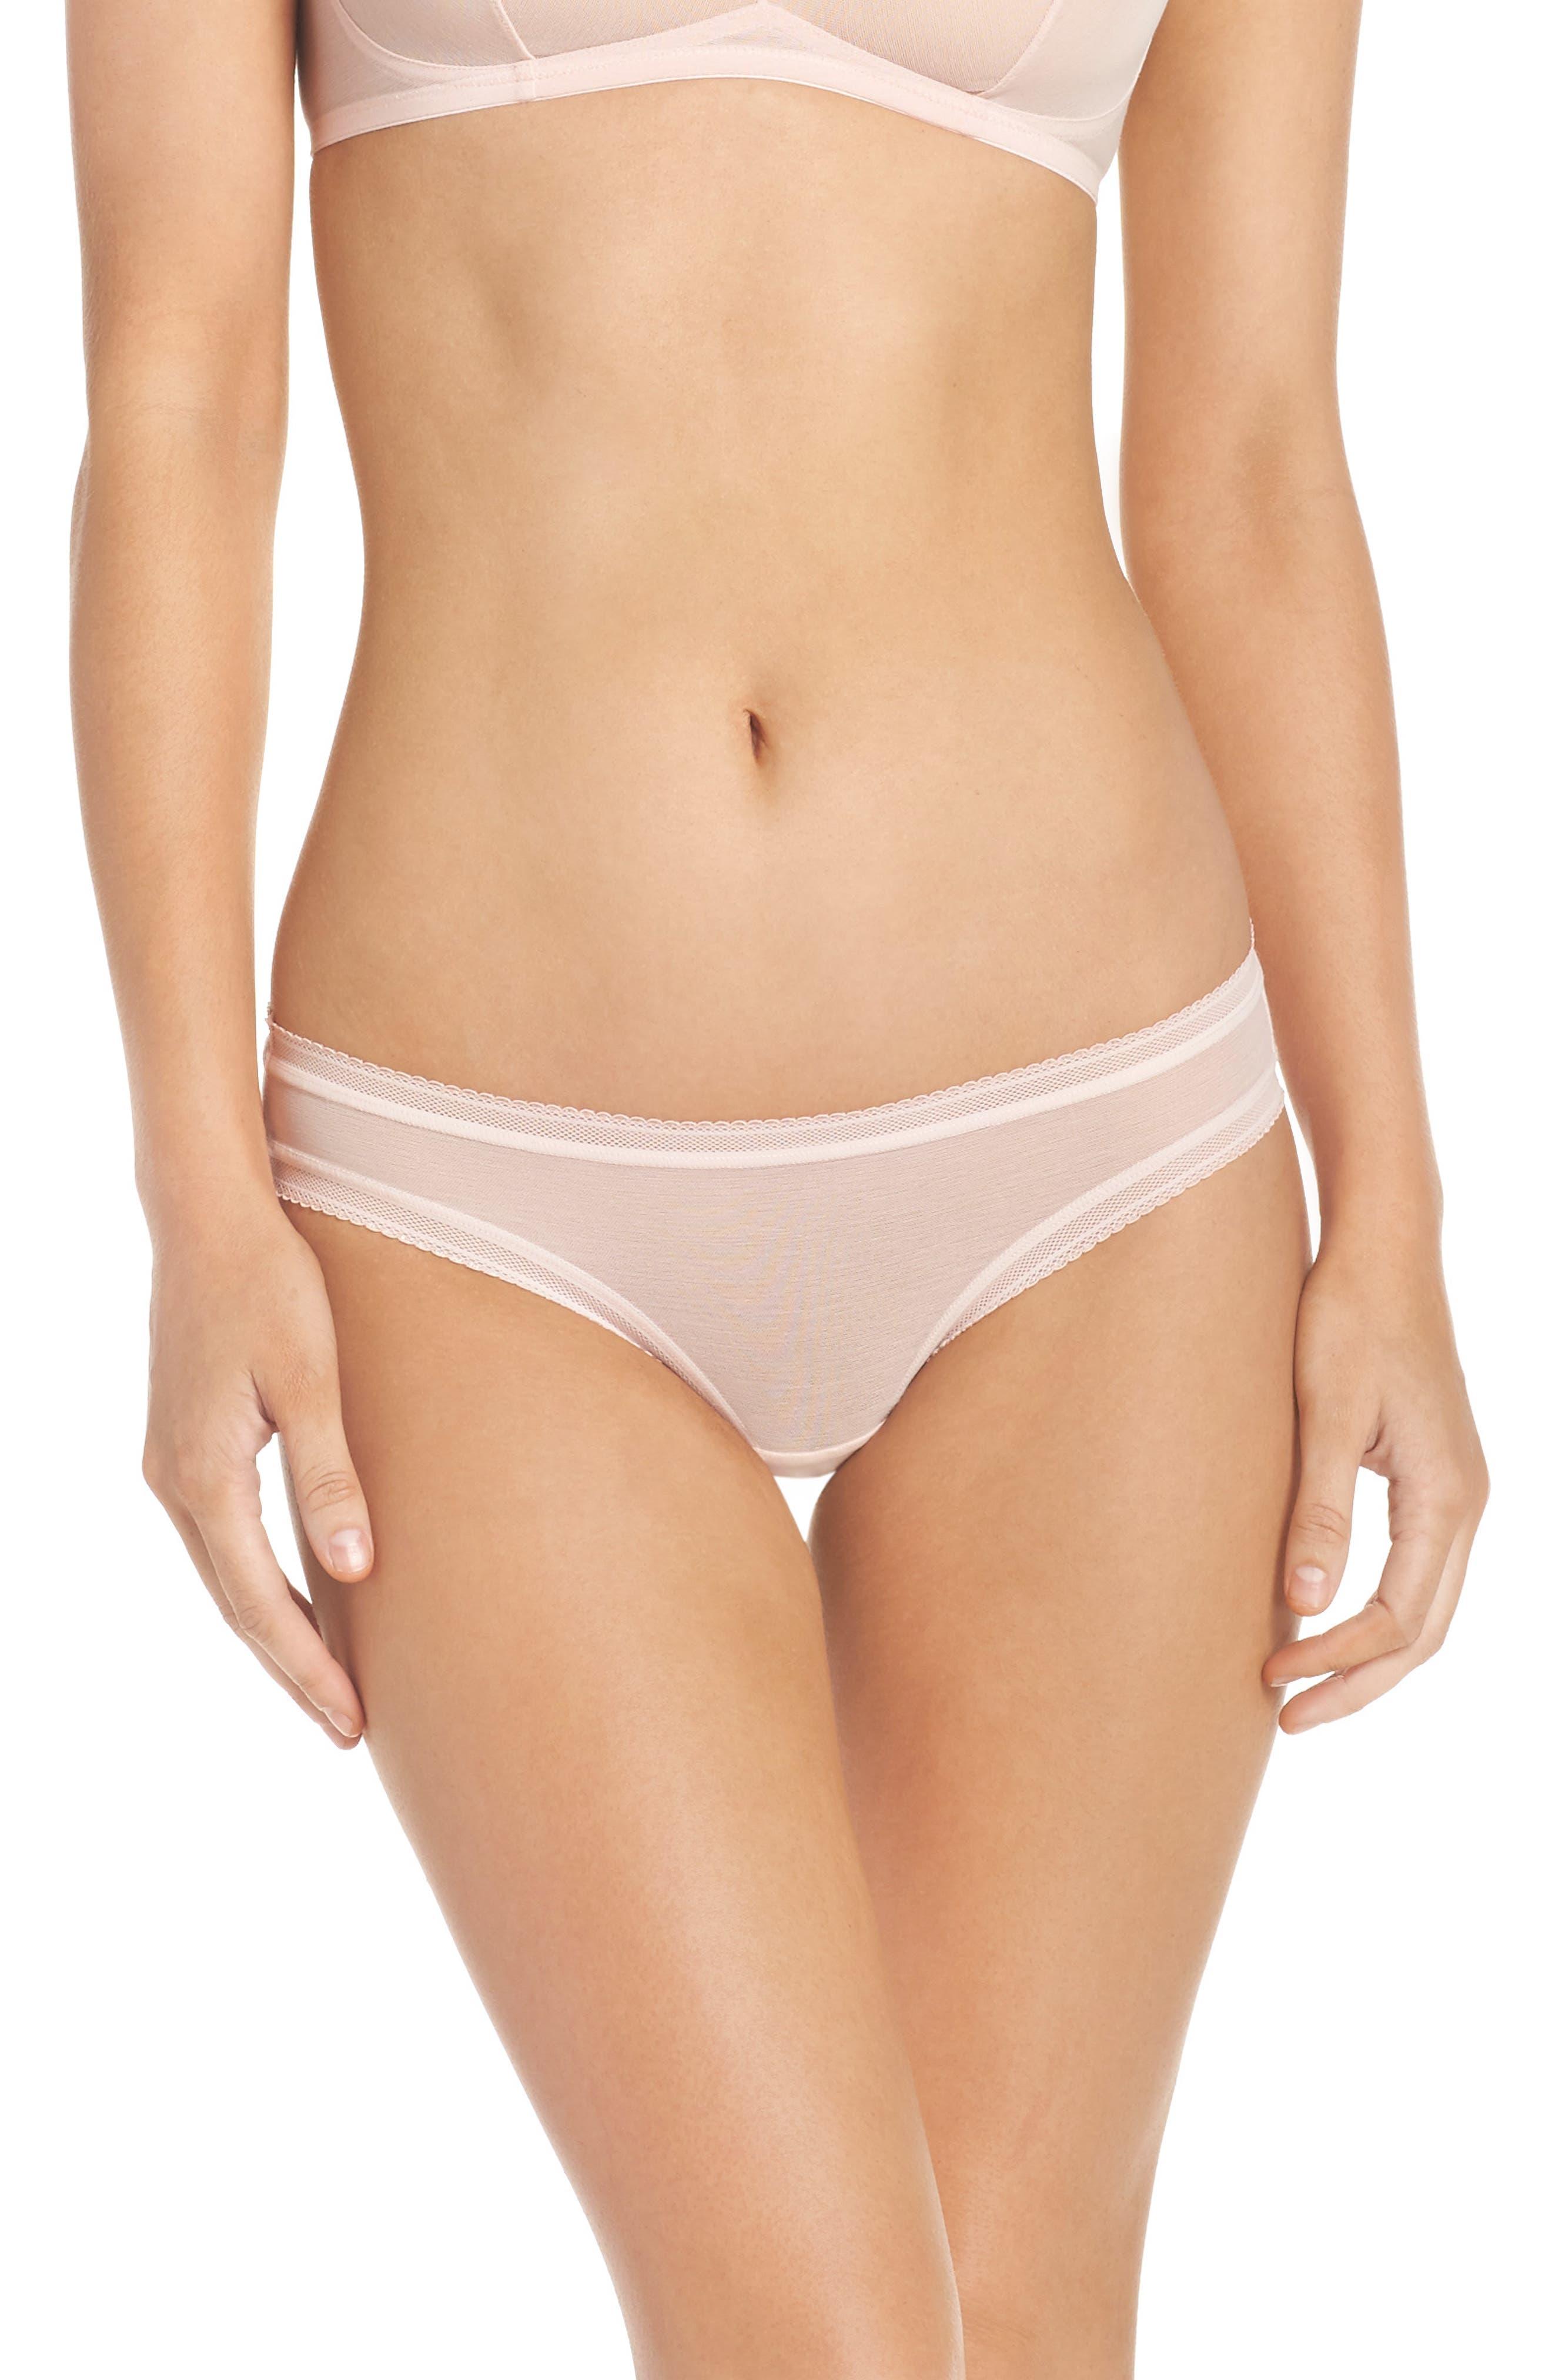 Alternate Image 1 Selected - On Gossamer Mesh Bikini (3 for $45)